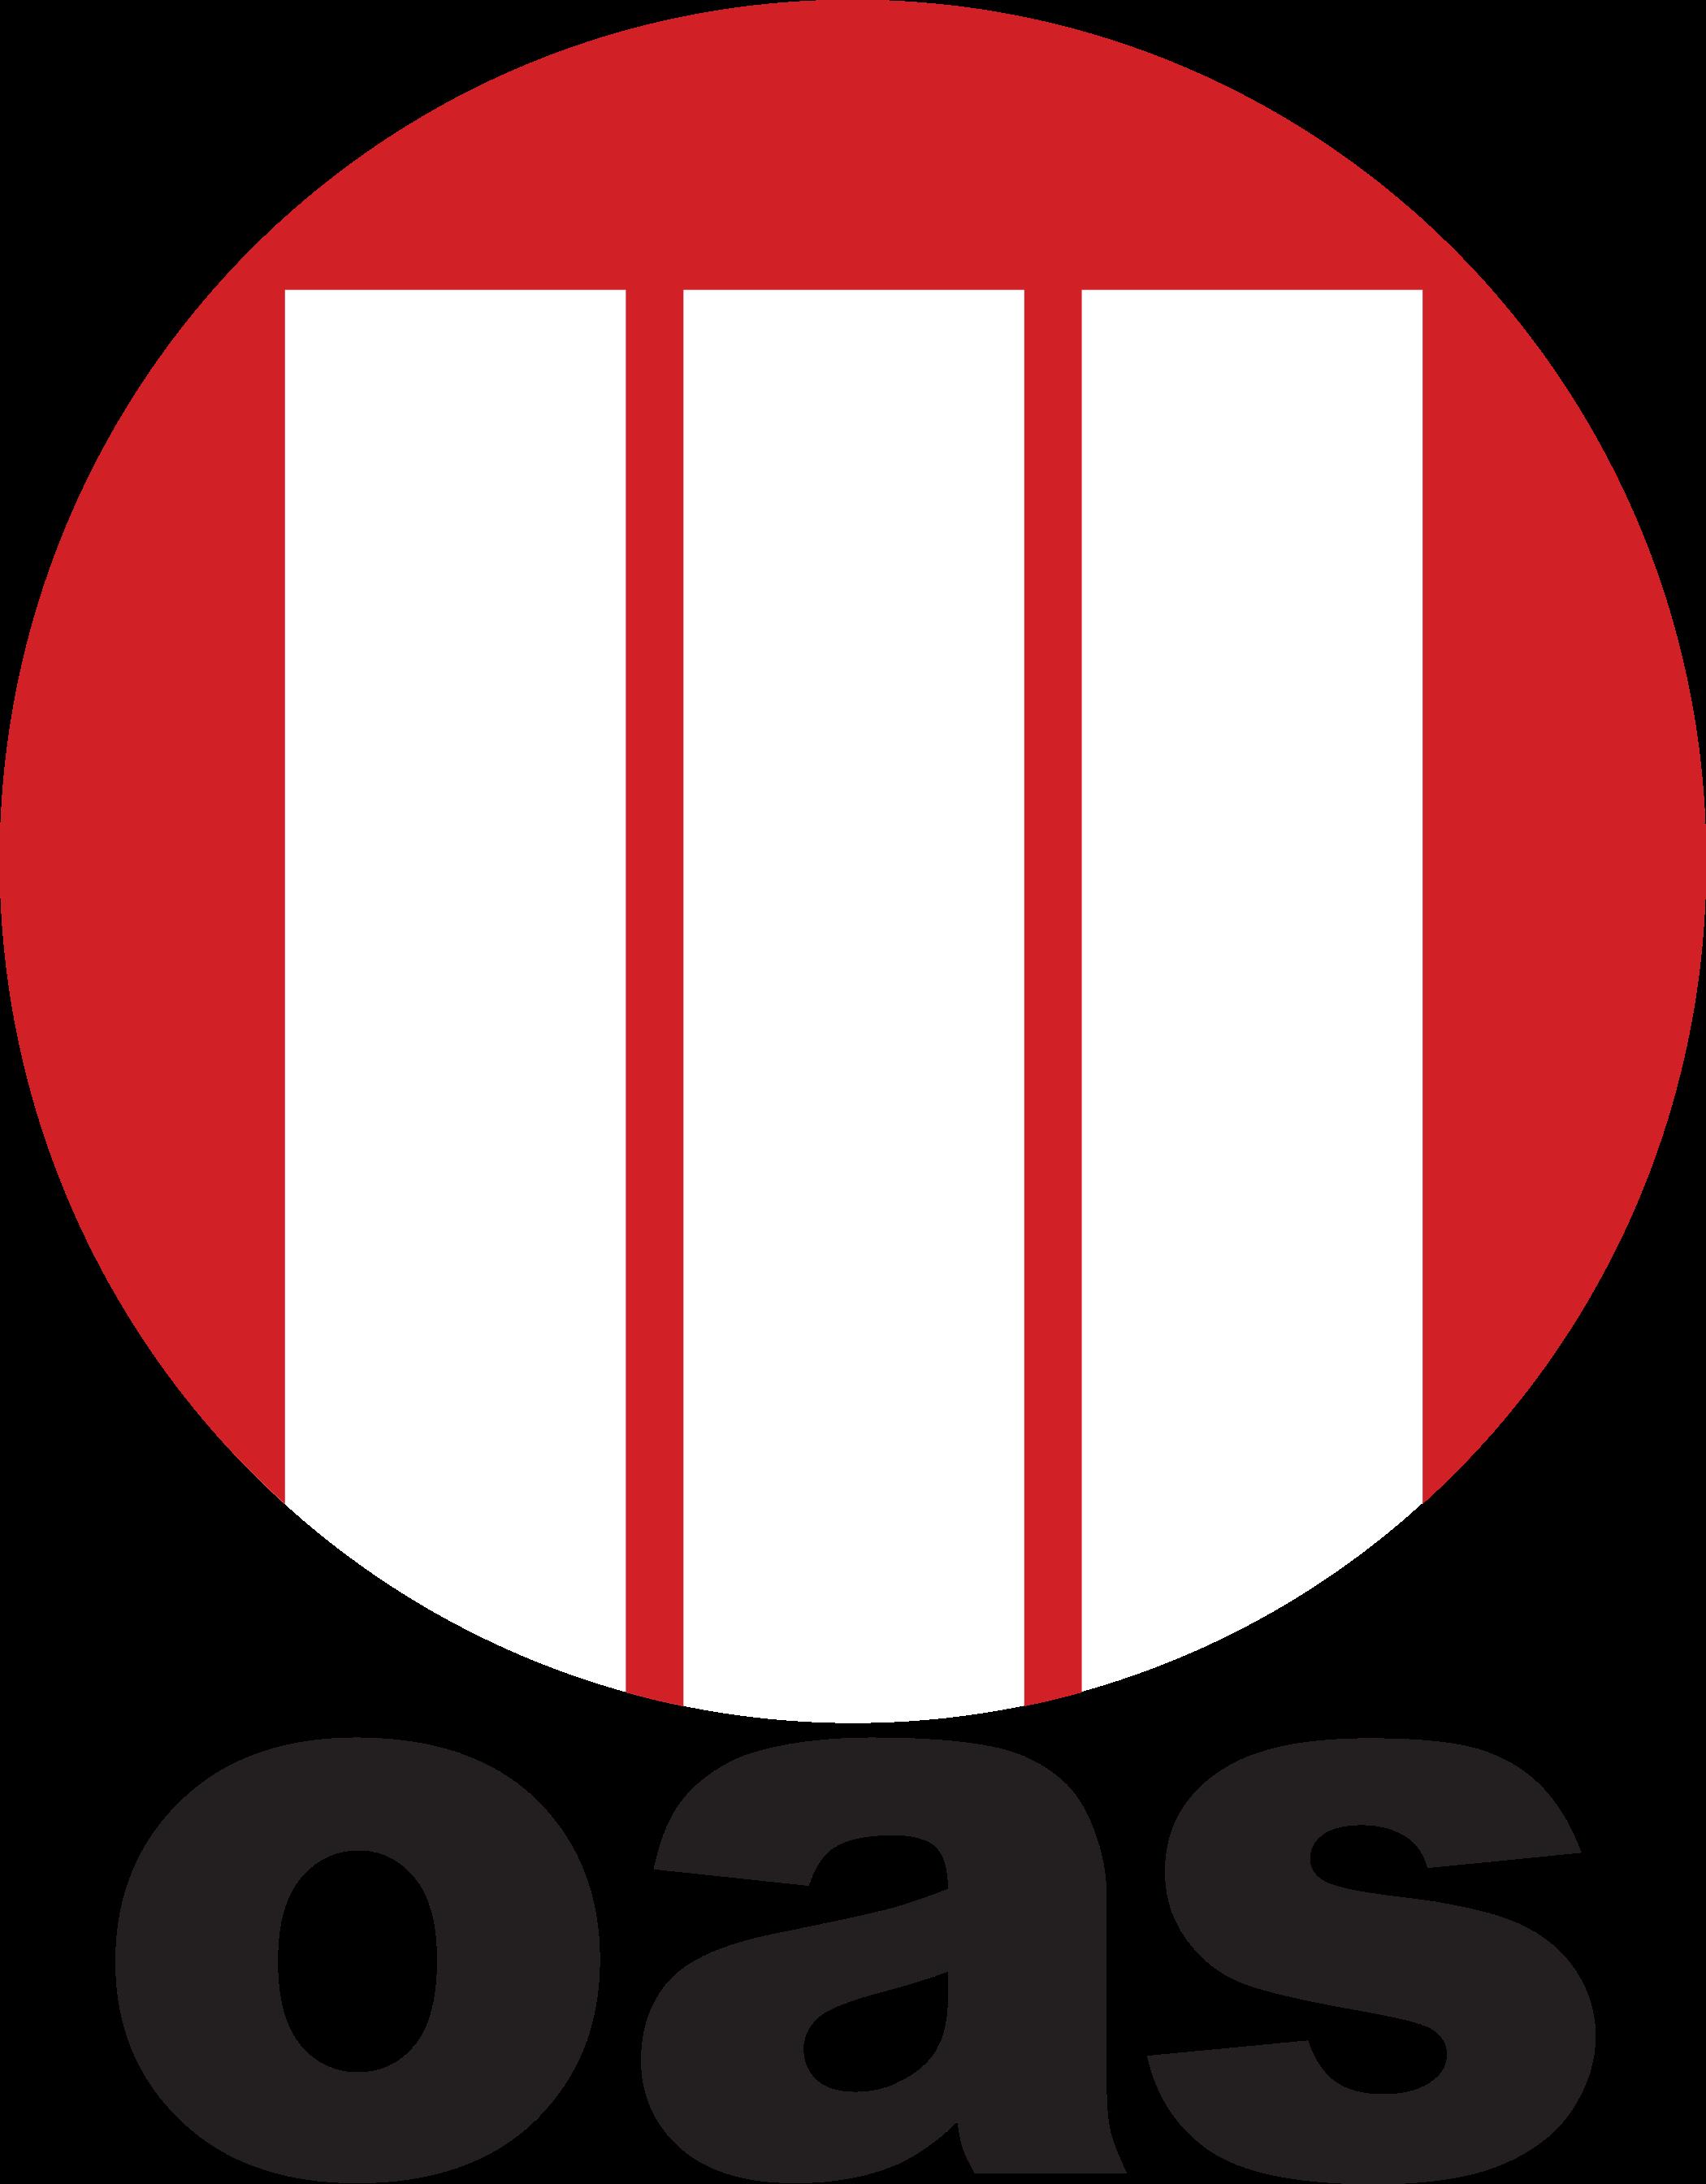 oas logo 1 - OAS S.A Logo